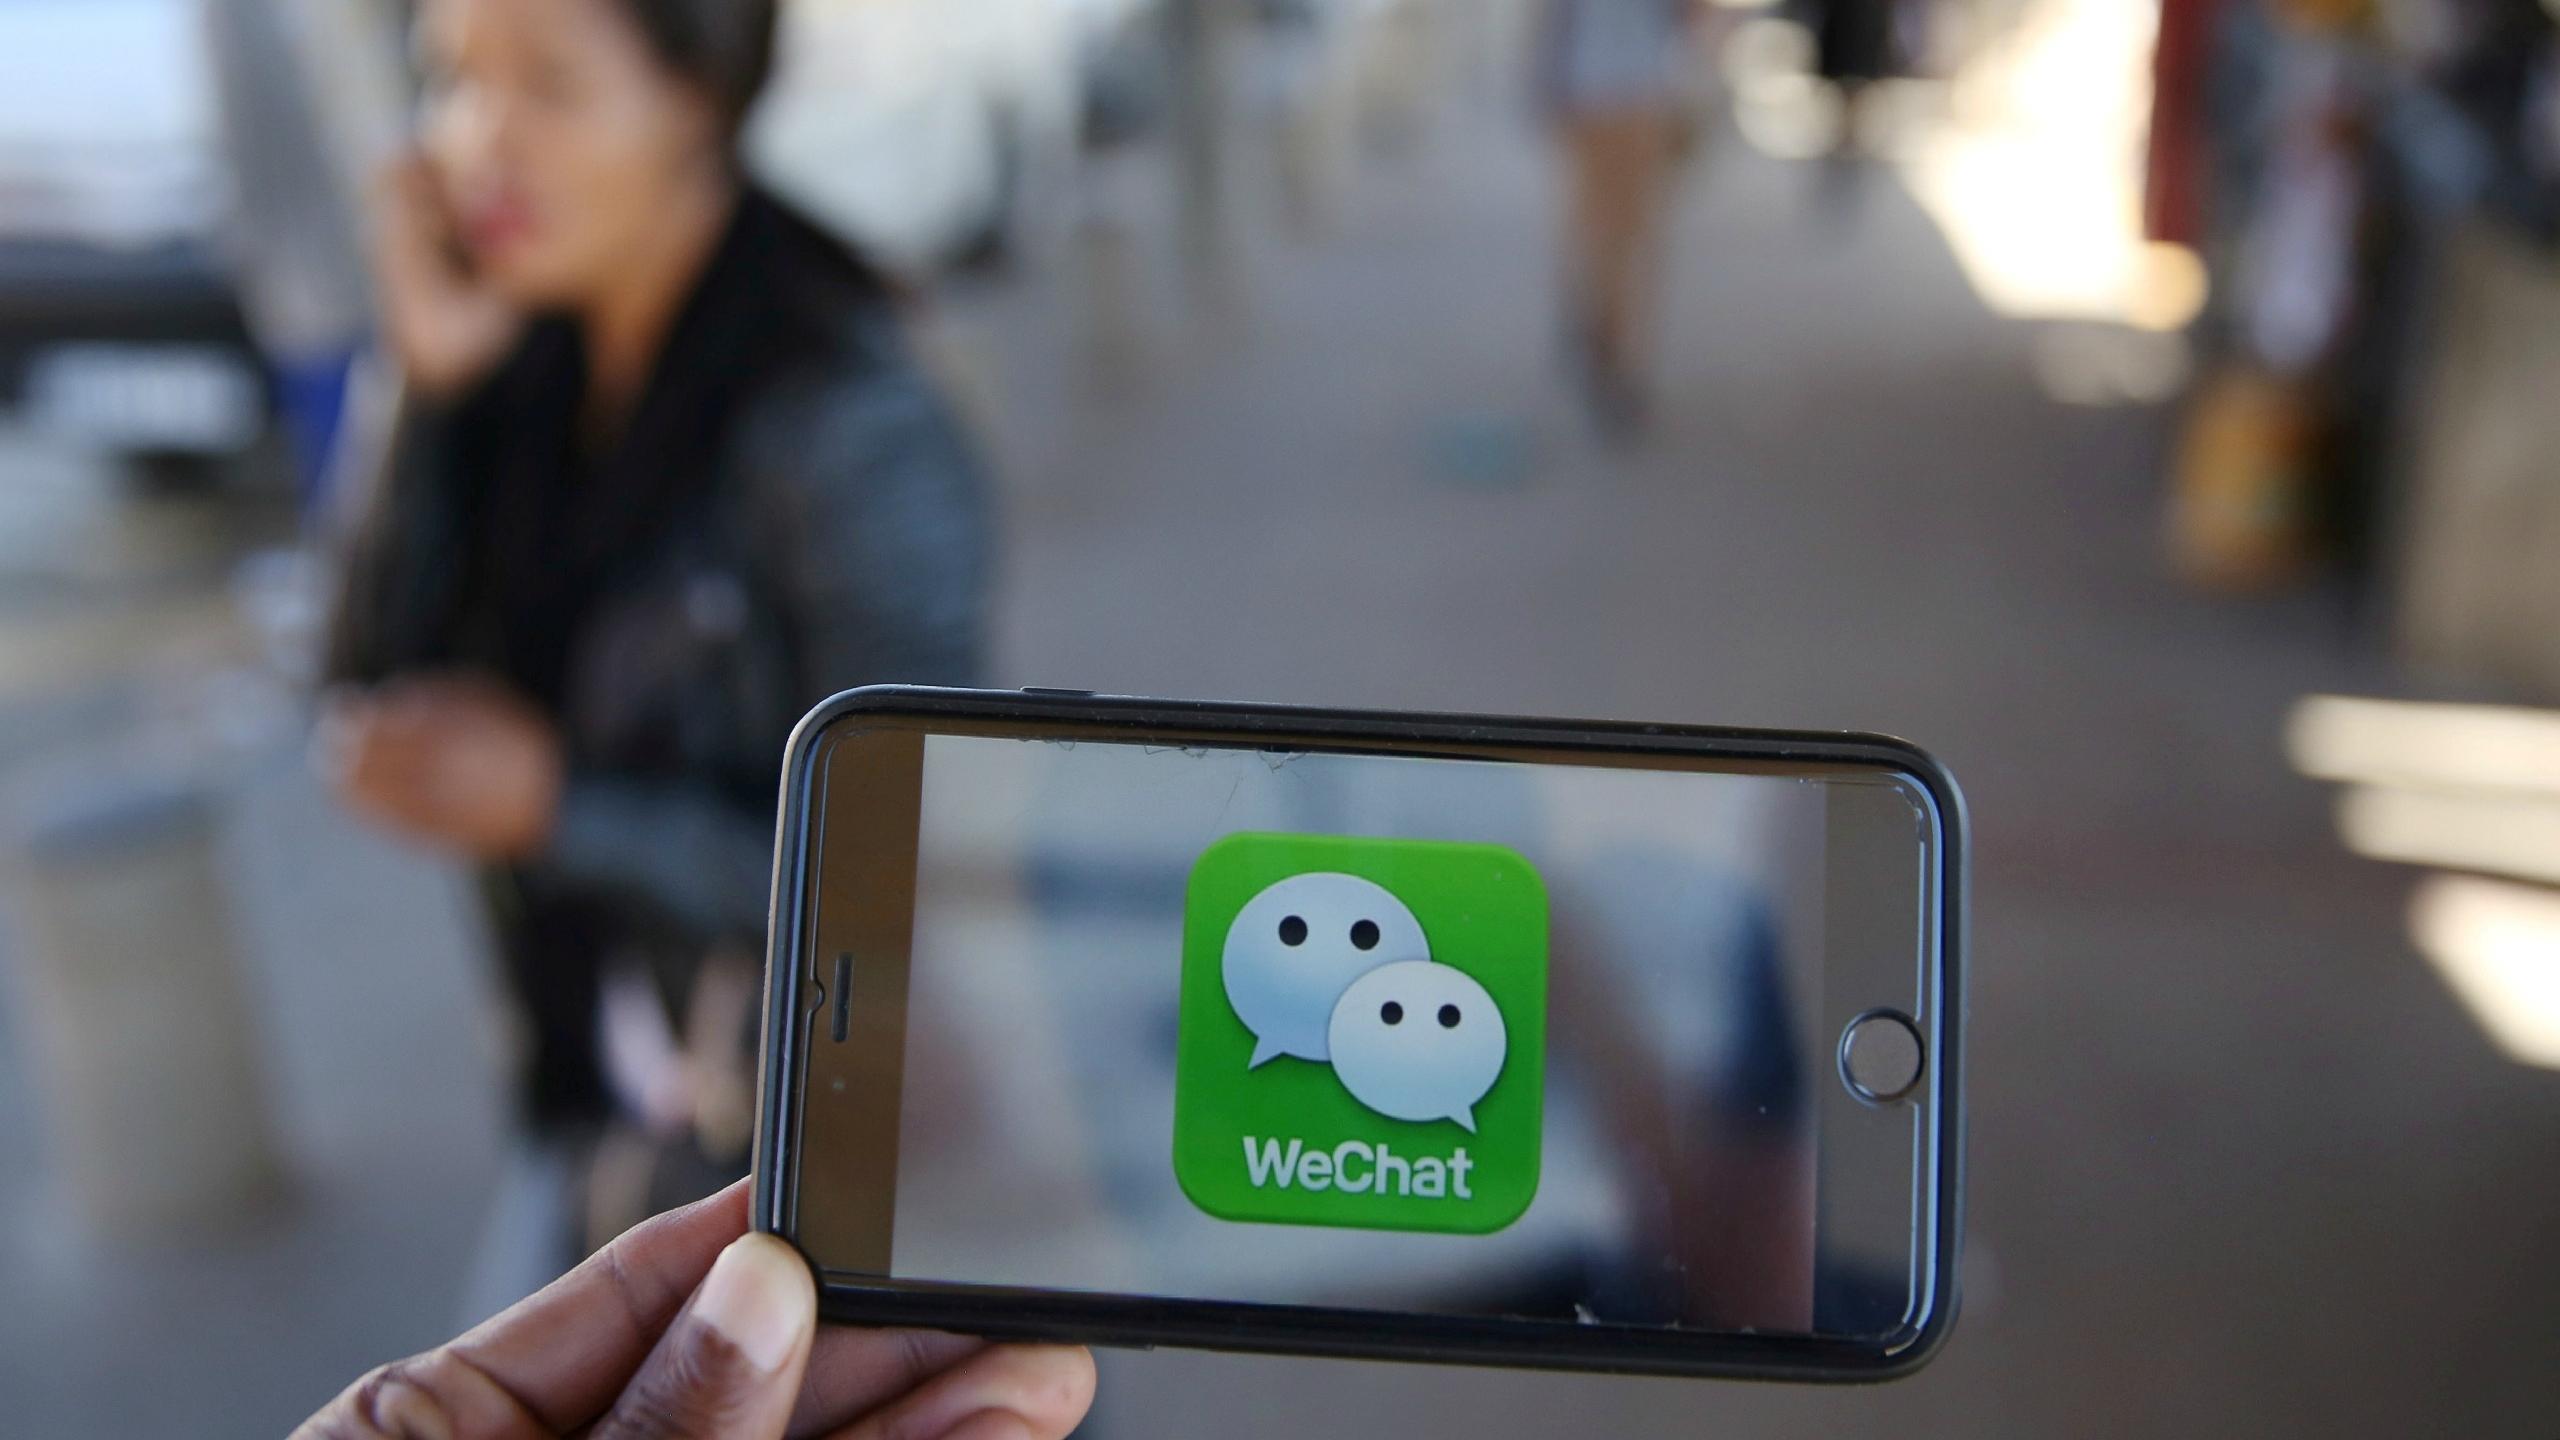 Walmart deja Alipay y se va WeChat en guerra de pagos en China